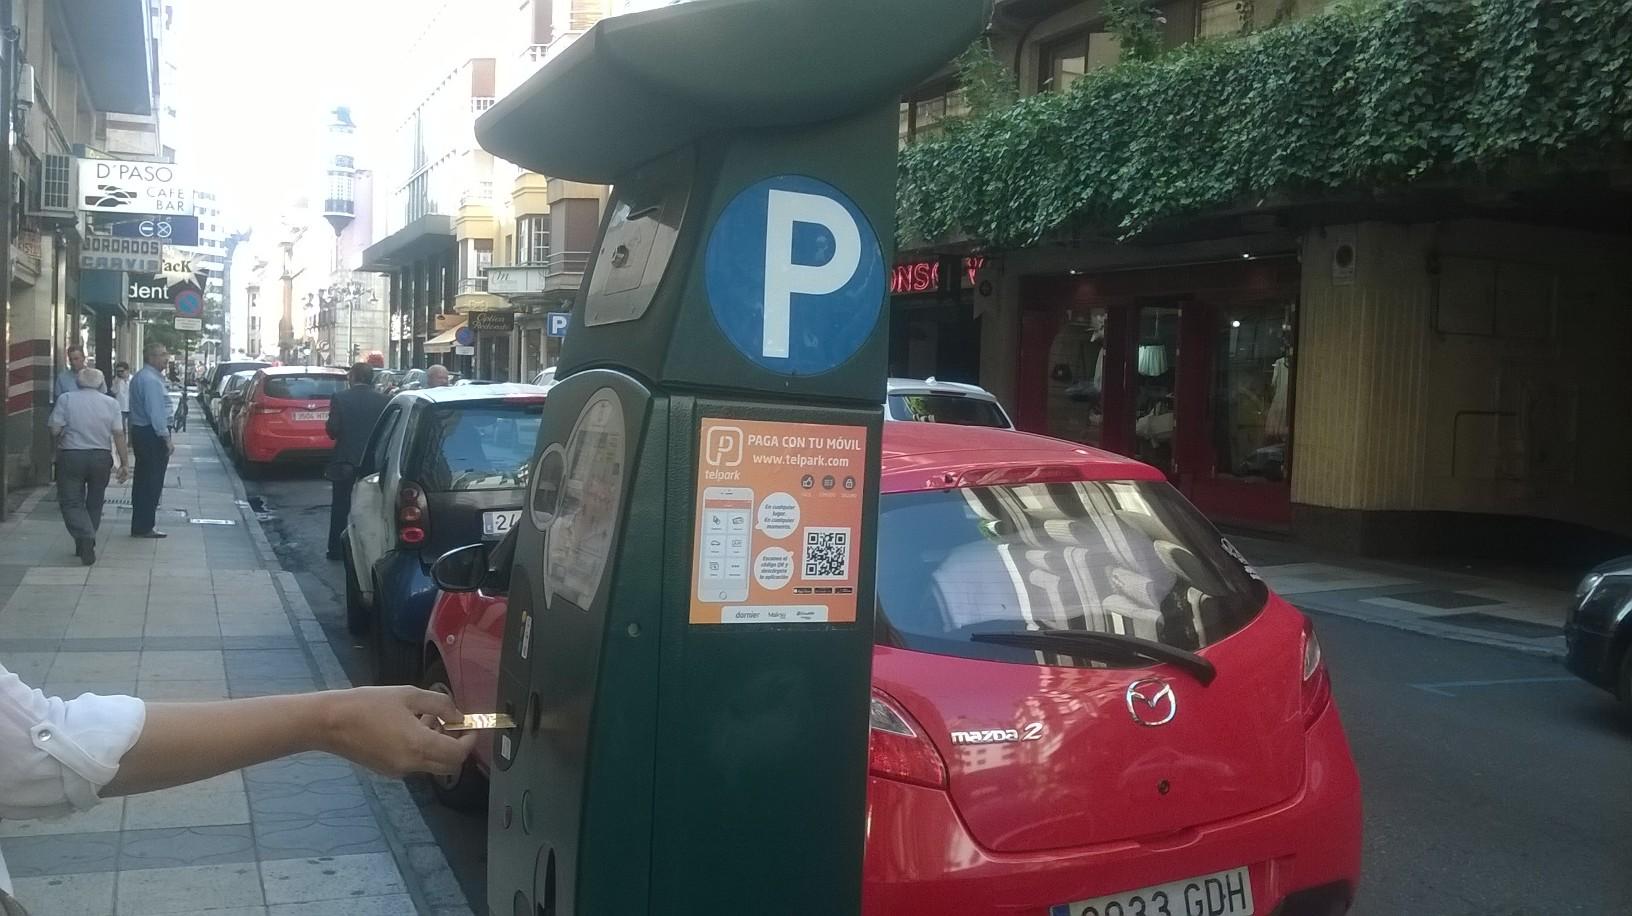 Propuesta C´s León pago con tarjeta en parquímetros